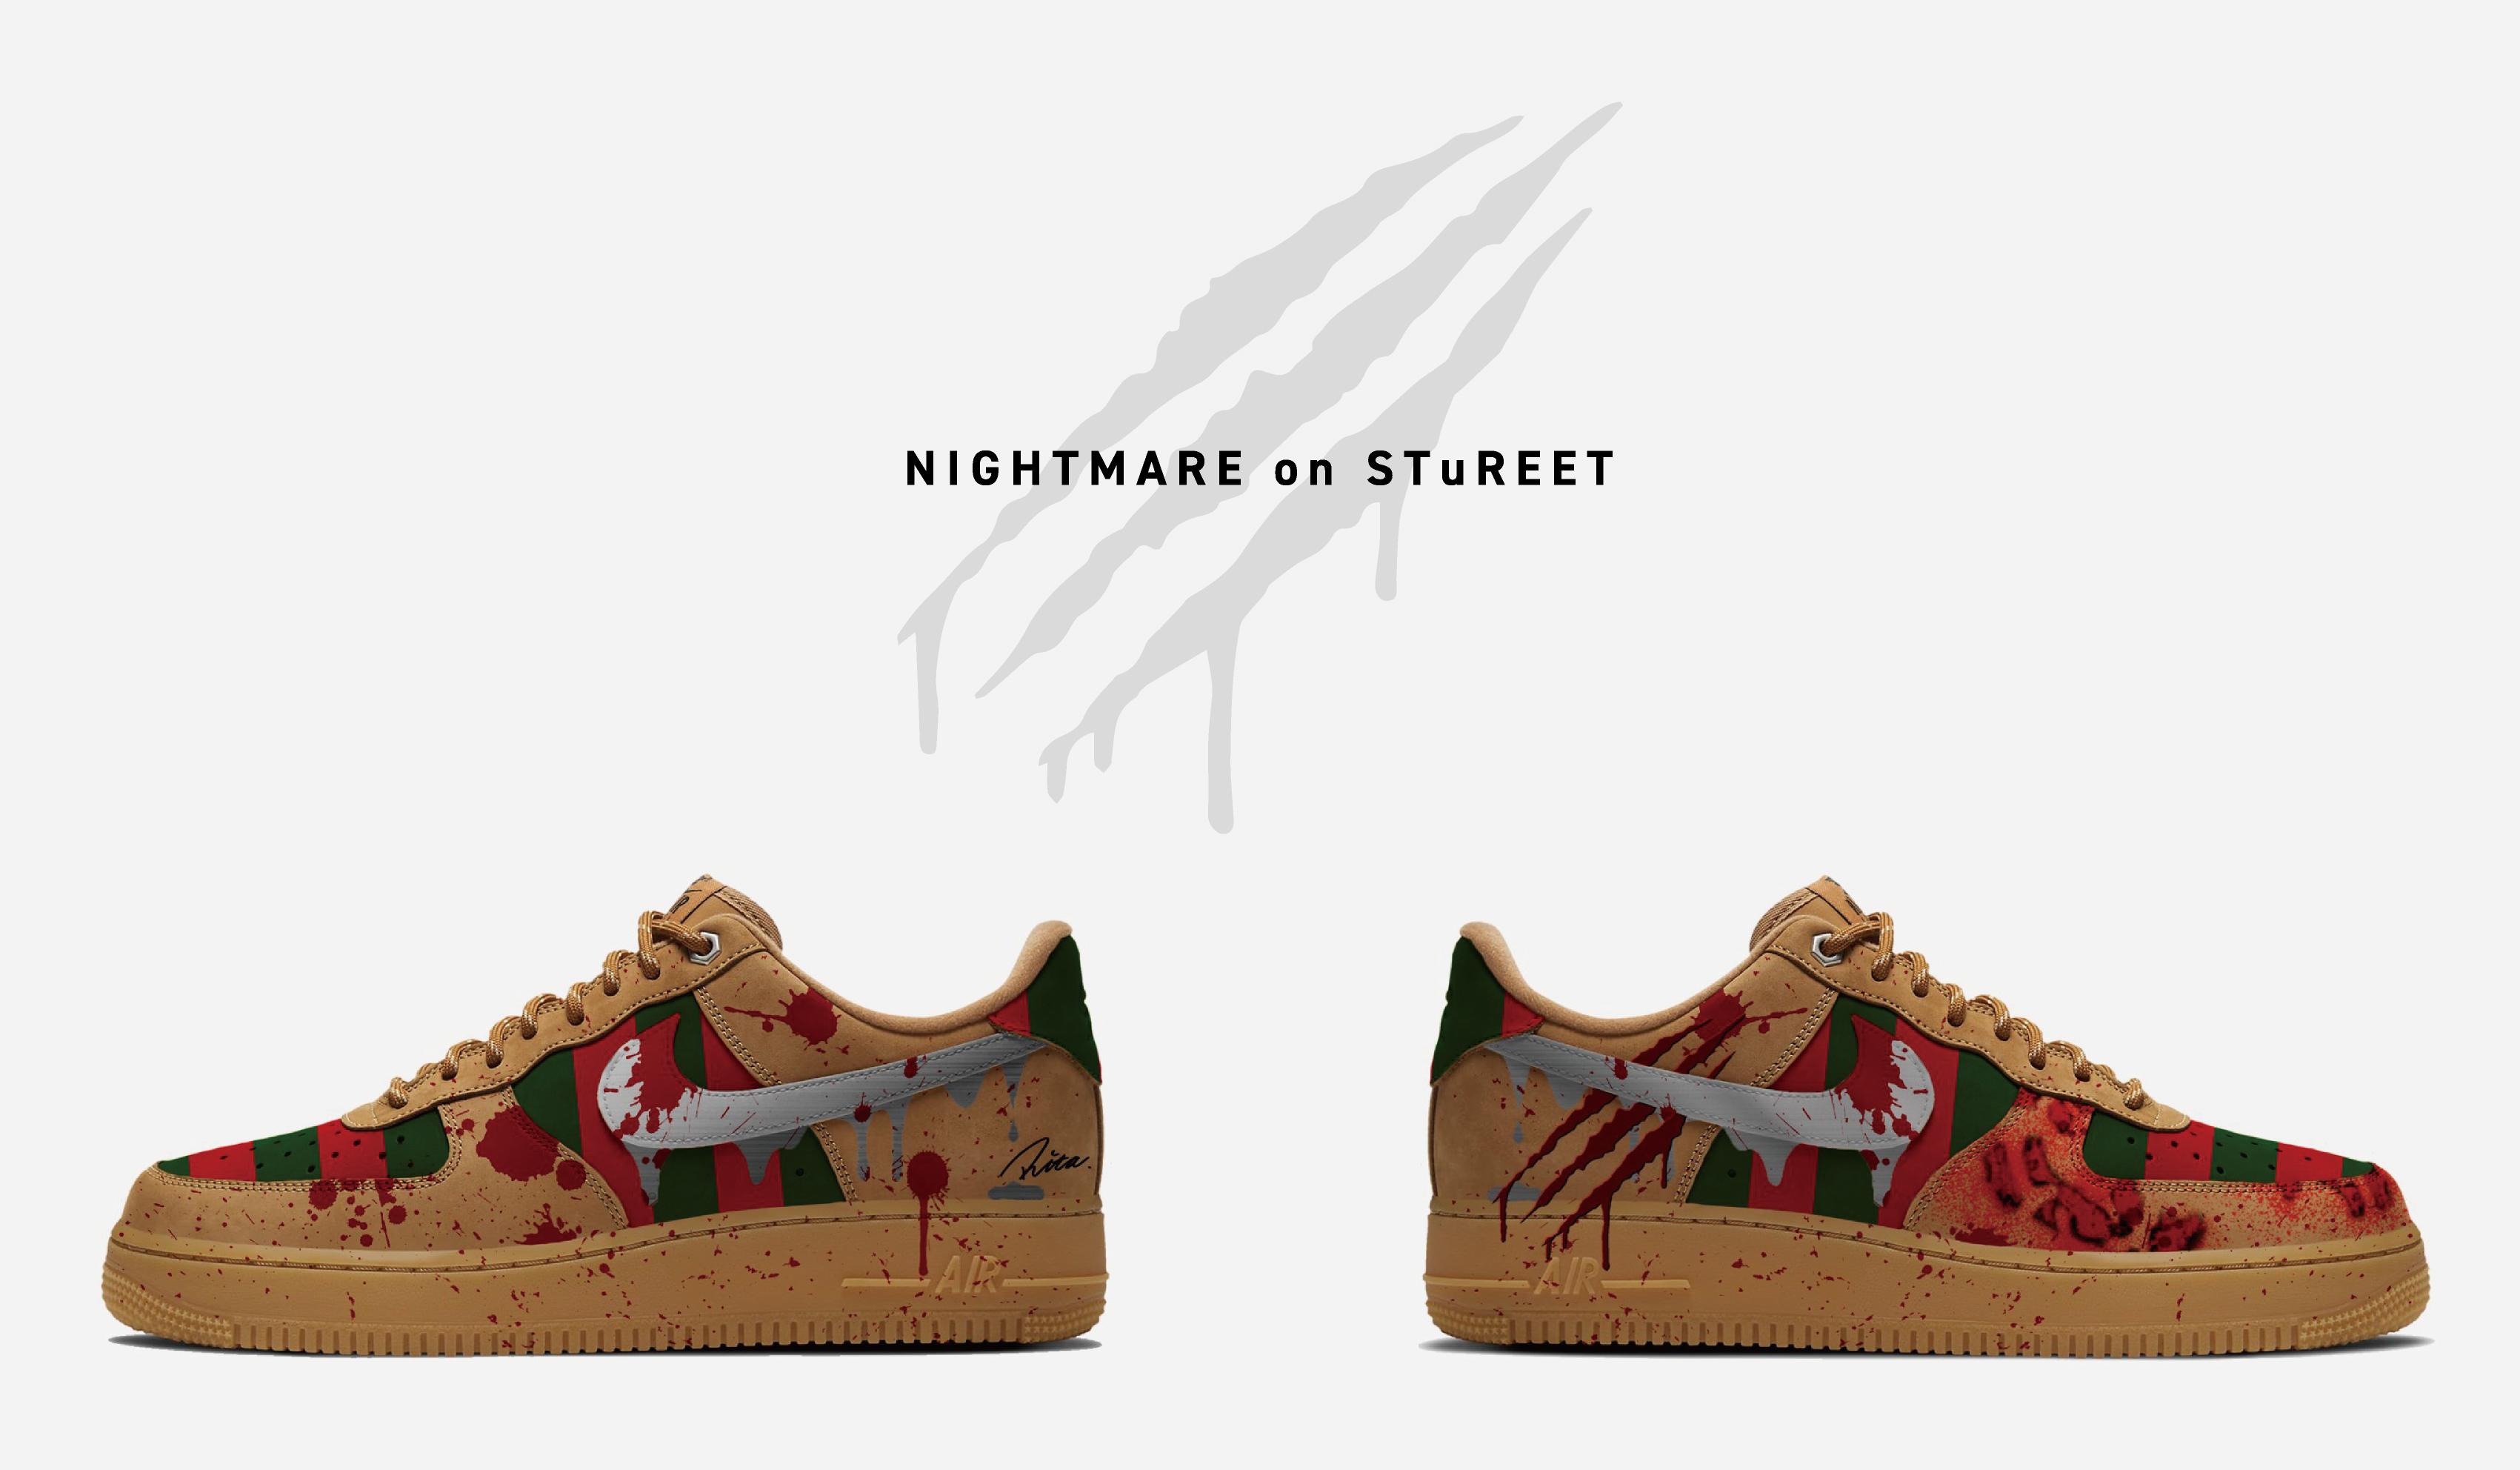 STuREET(スチュリート)から、「エルム街の悪夢」をモチーフとした、ハロウィン限定モデル「NIGHTMARE on STuREET」が発売。